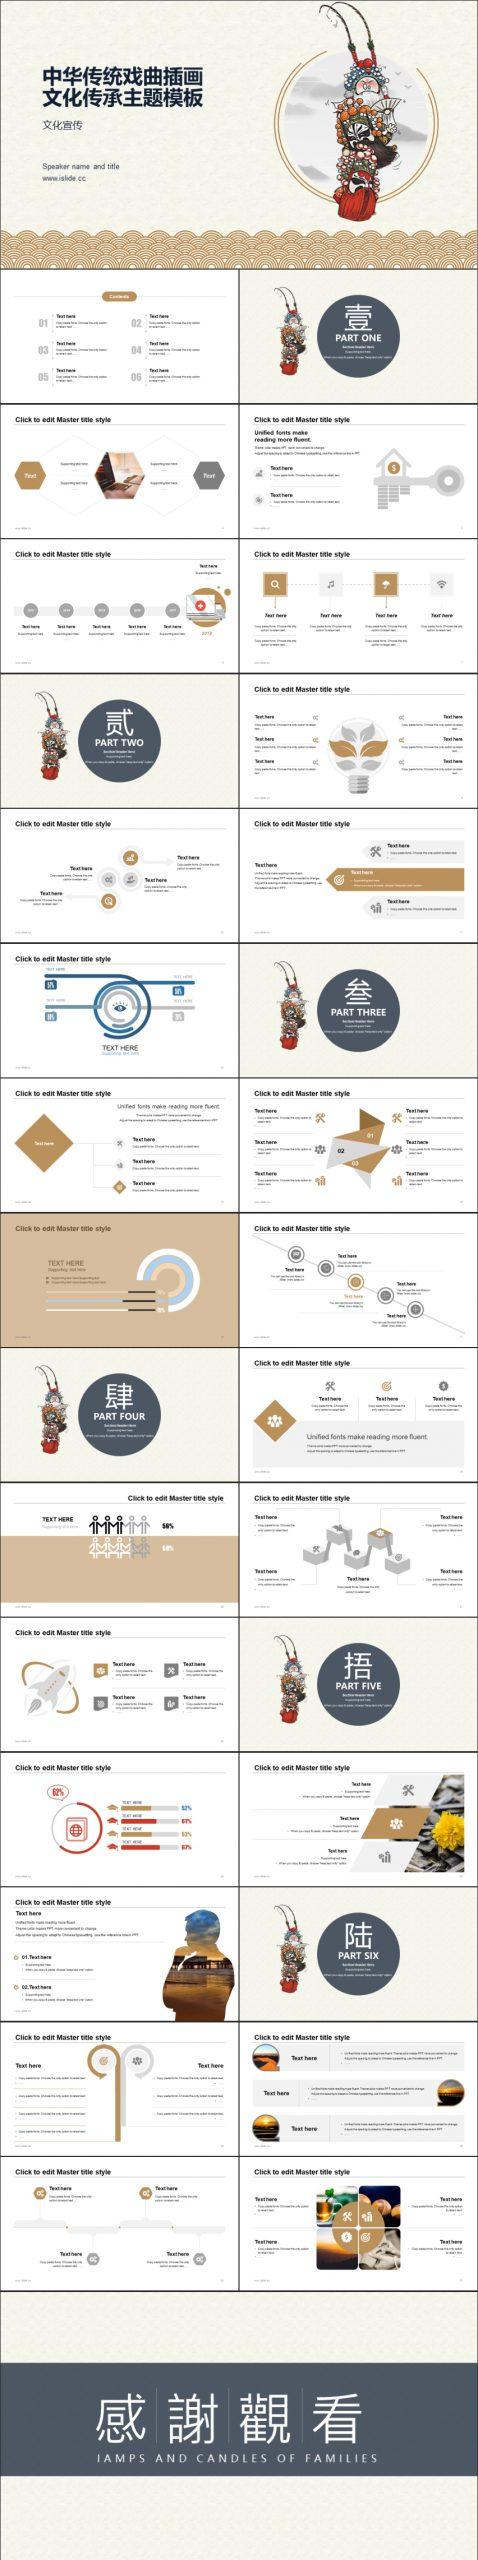 中华传统戏曲文化传承主题模板下载_预览图2